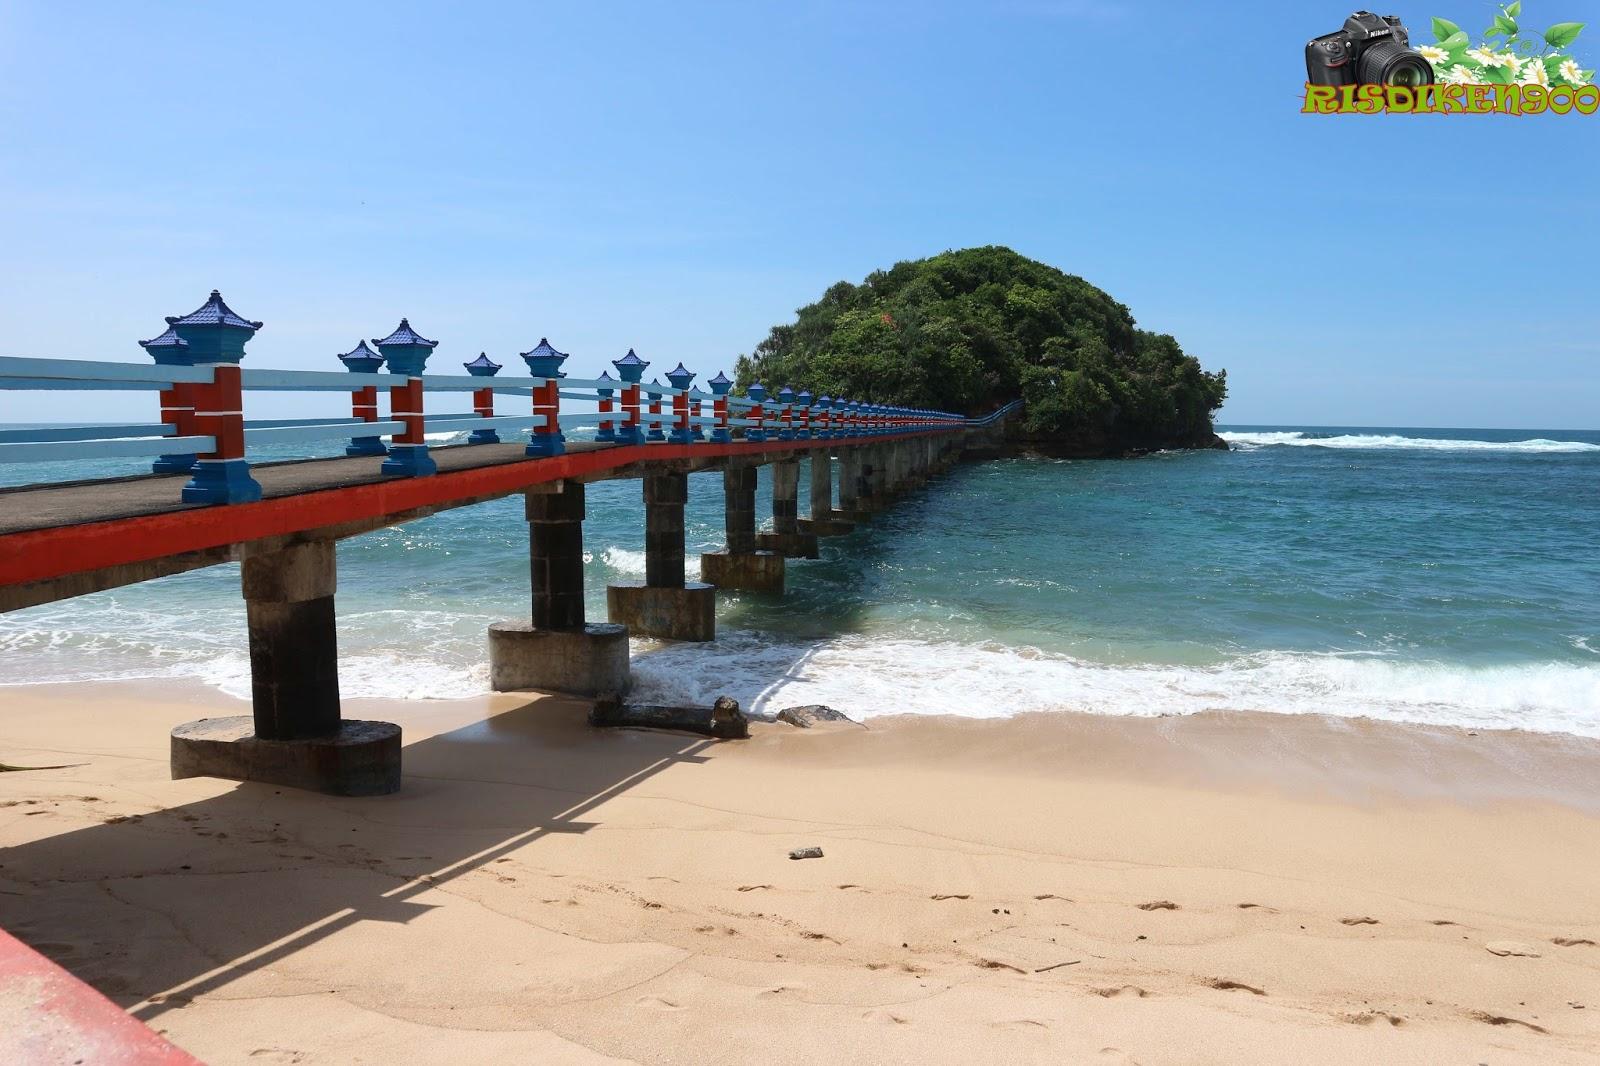 Hasil gambar untuk pantai jembatan panjang